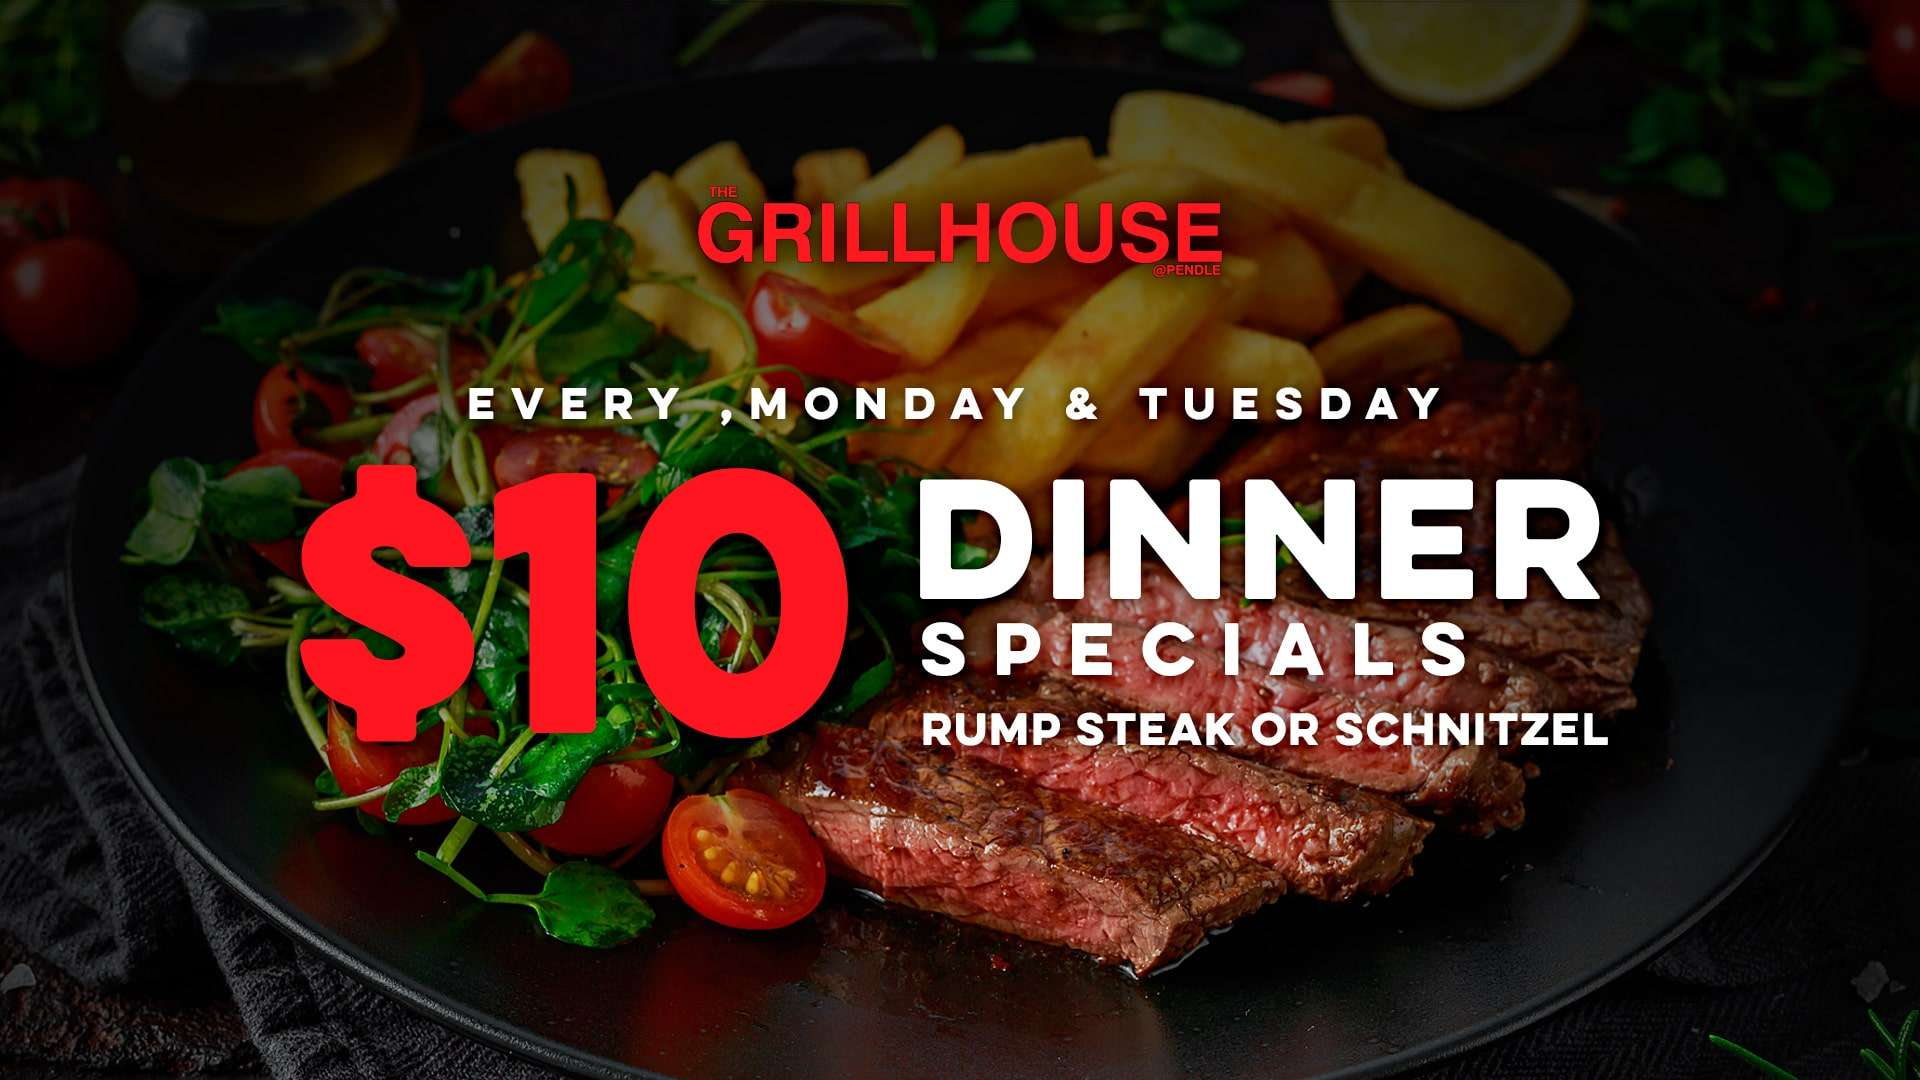 $10 Dinner Specials